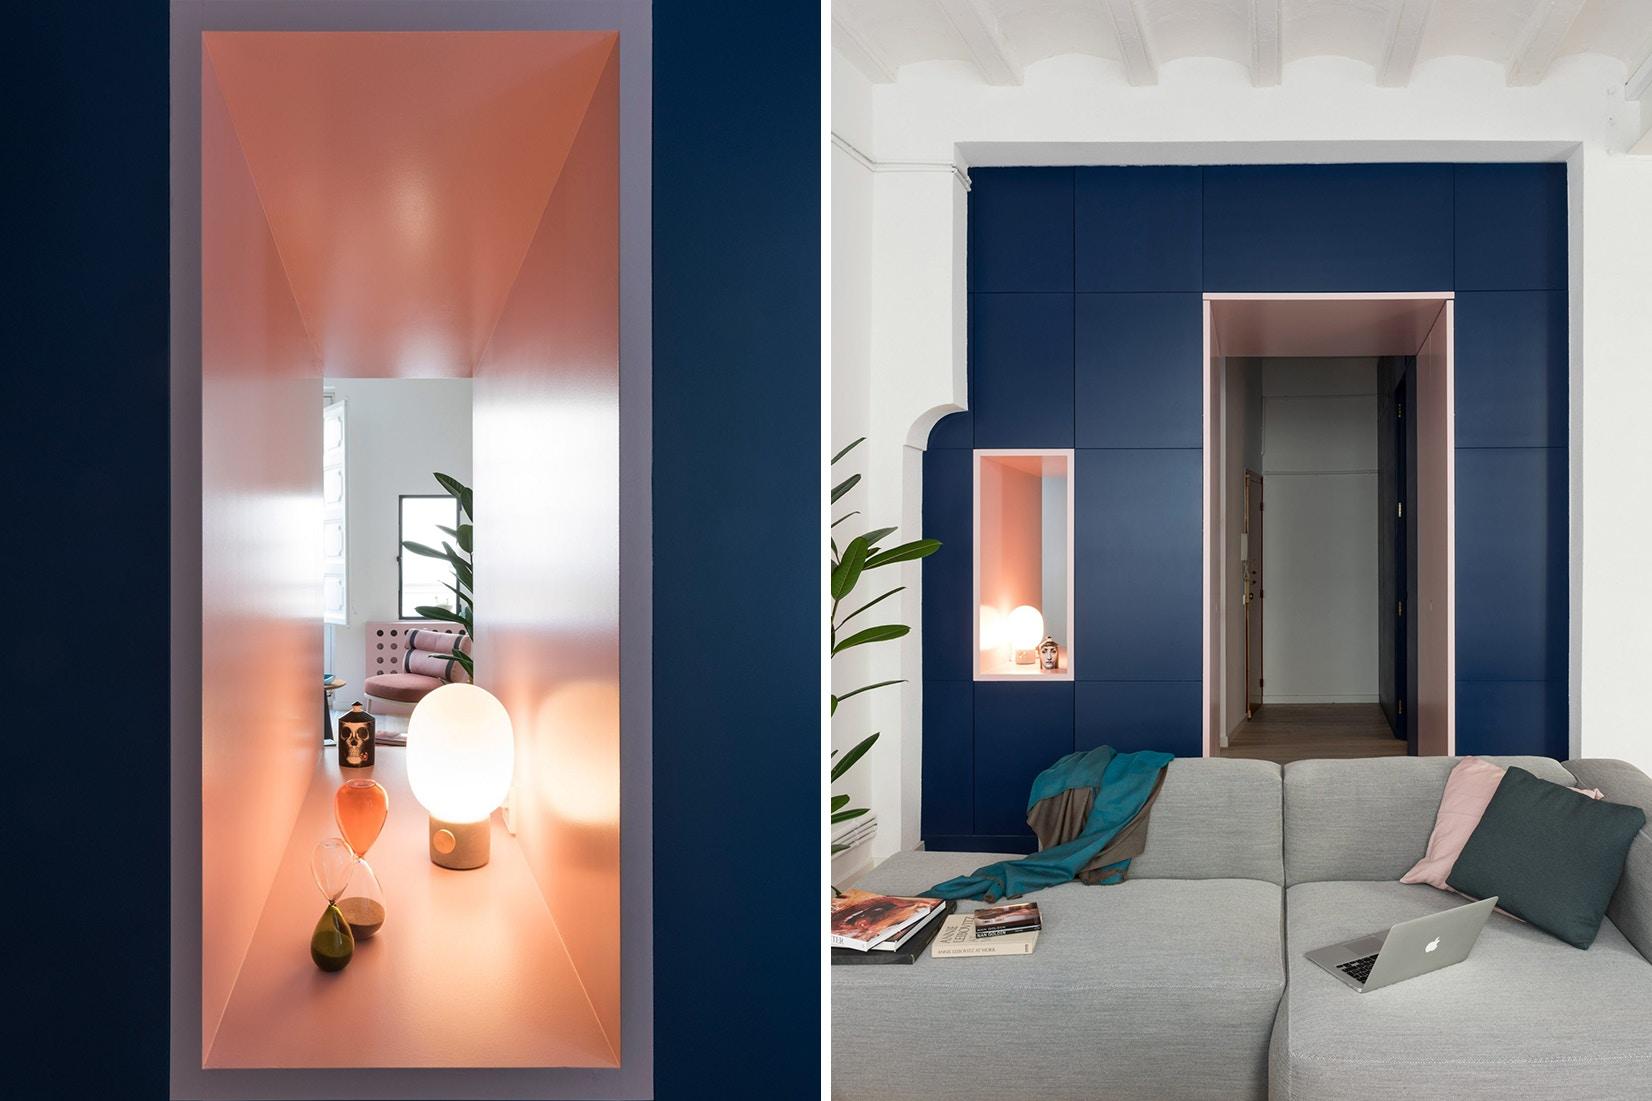 colombo-serboli-architecture-barcelona-apartment-2